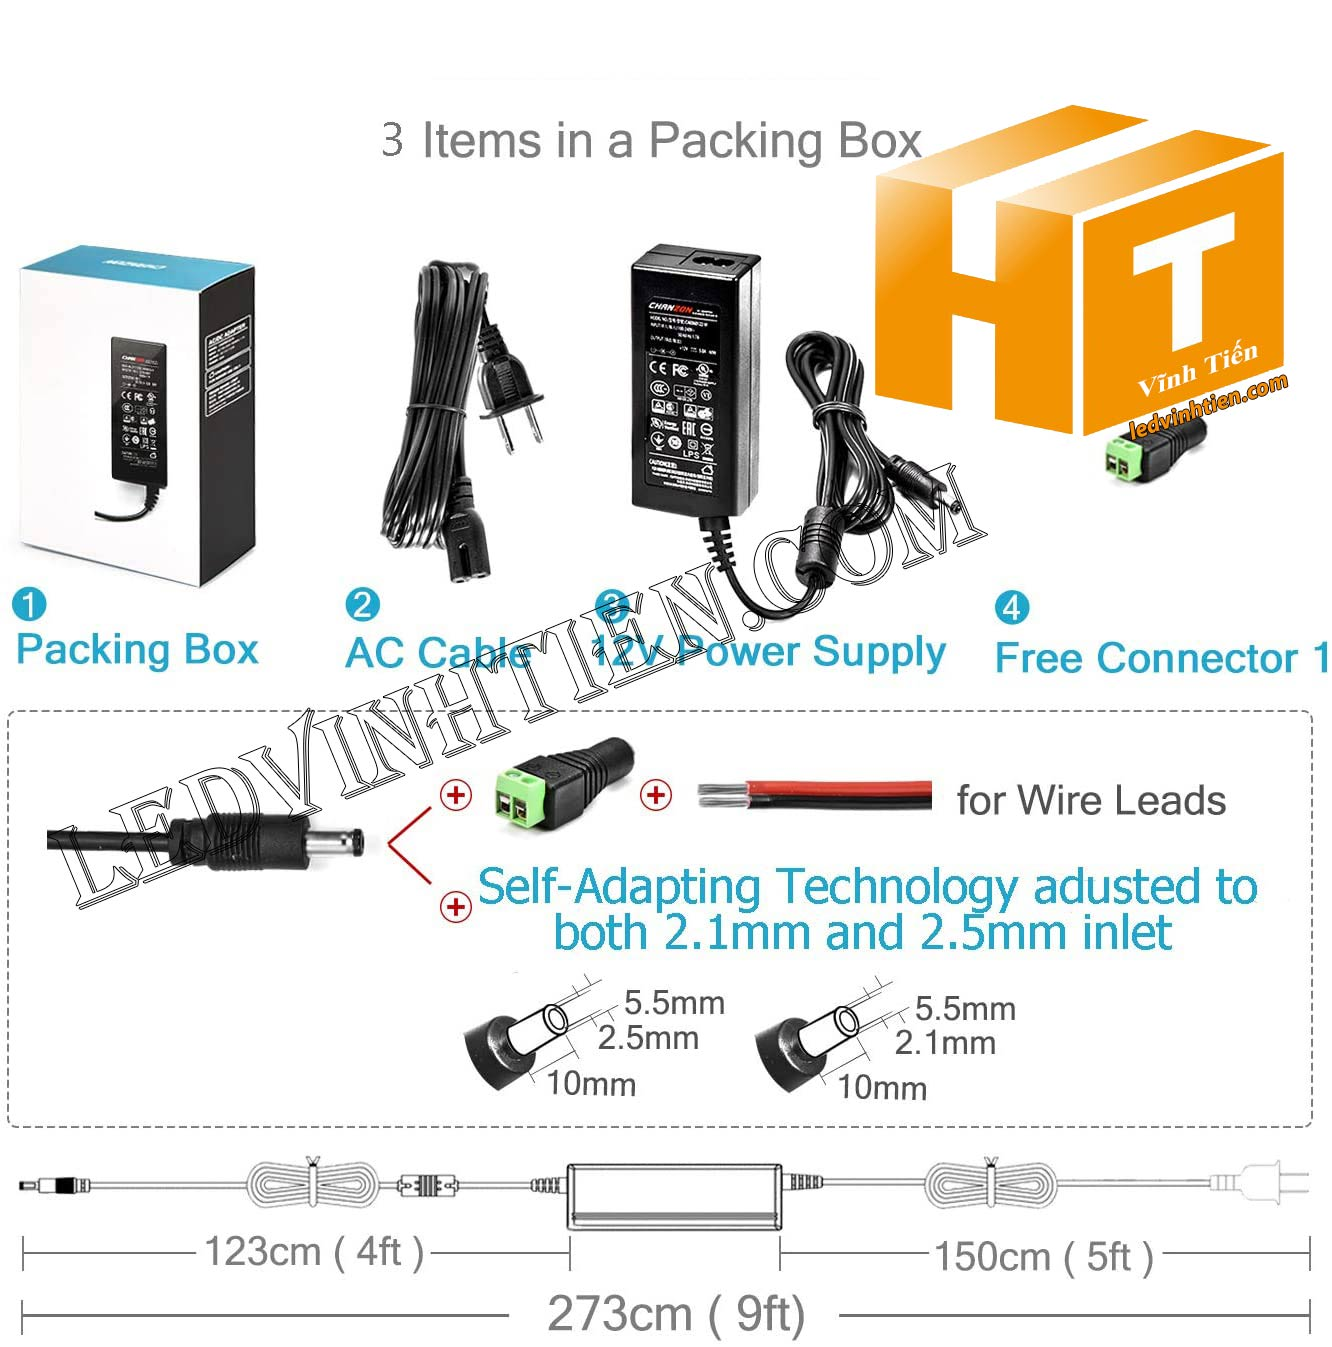 ứng dụng và cách cài đặt chi tiết Adapter 12v 5a hay còn gọi nguồn adapter, adaptor 12V 5A nhỏ được cấp nguồn DC12V camera, Led quảng cáo, led hắt, led module, các loại đèn led chiếu sáng, như led thanh, led module, led dây, bơm mước mini, tự động hóa, BOARD MẠCH ĐIỆN TỬ XEM hình ảnh chụp mọi góc cạnh của nguồn adapter 12v 8a 96W loại tốt, giá rẻ, chất lượng, đủ ampe, có quạt, nhôm tản nhiệt, sản phẩm chính hãng ledvinhtien.com Hình ảnh chụp mọi góc cạnh của adapter DC12V 5A chính hãng led vĩnh tiến